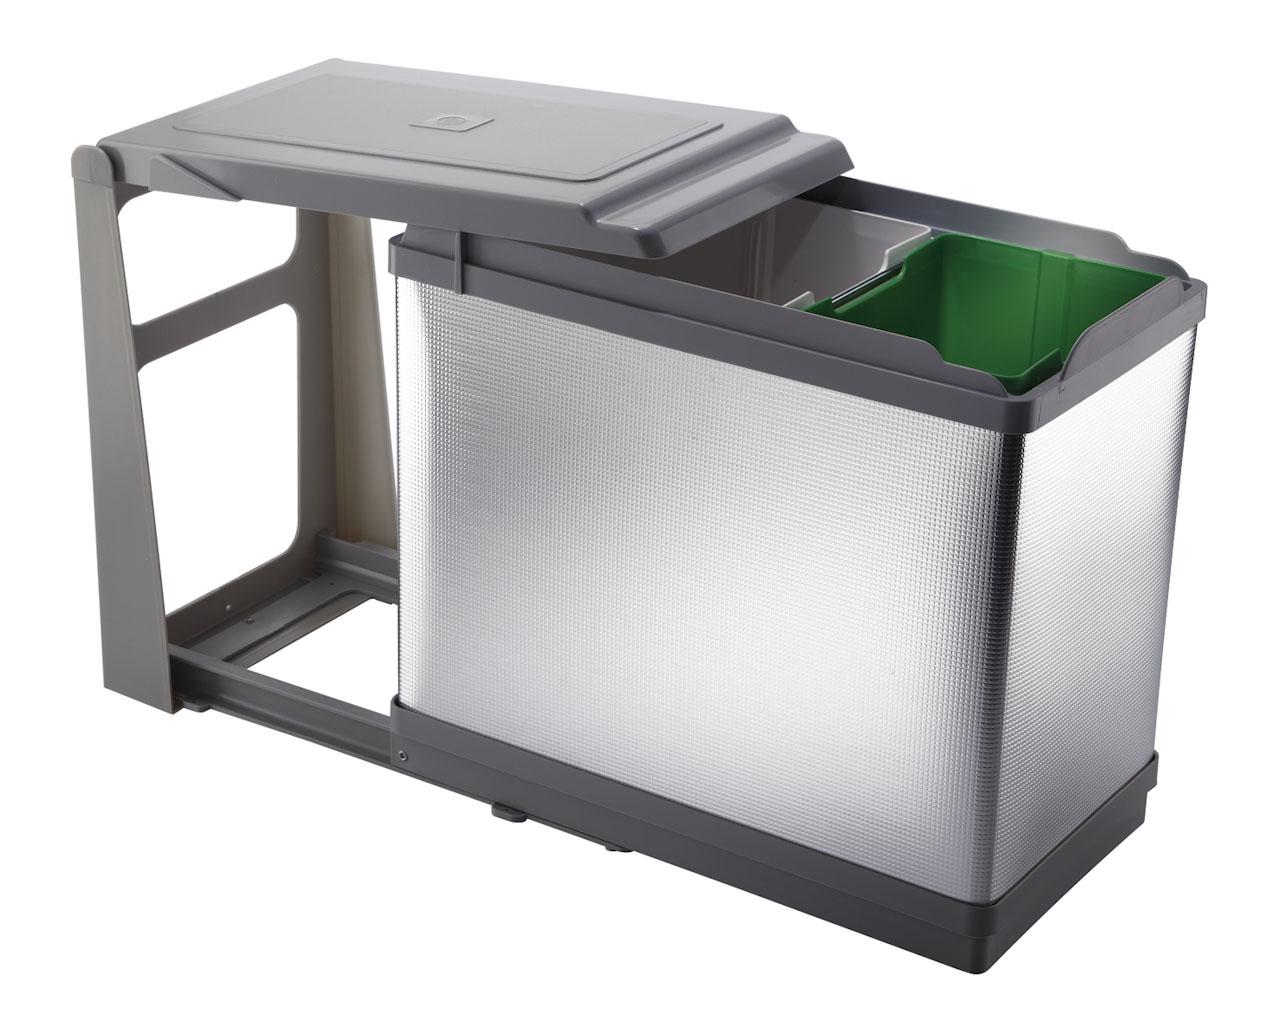 Pattumiera Estraibile Per Base Cucina Ecologica Alluminio Secchi 1x16l 1x10l Planet Cucina